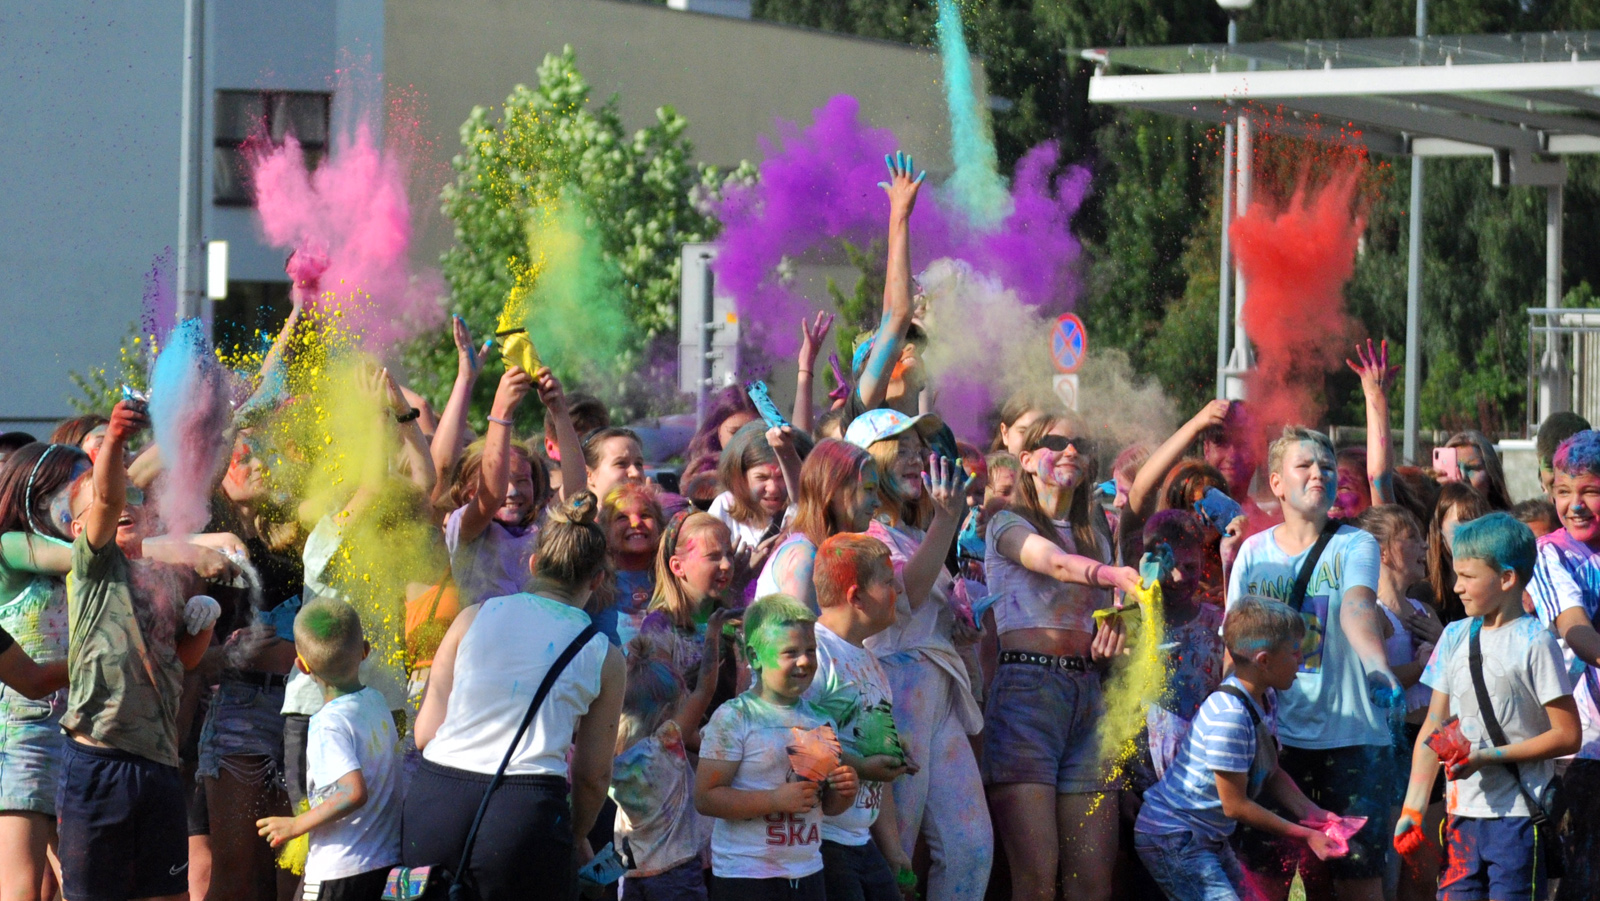 Święto Kolorów zawitało do Kolbuszowej [WIDEO - ZDJĘCIA] - Zdjęcie główne